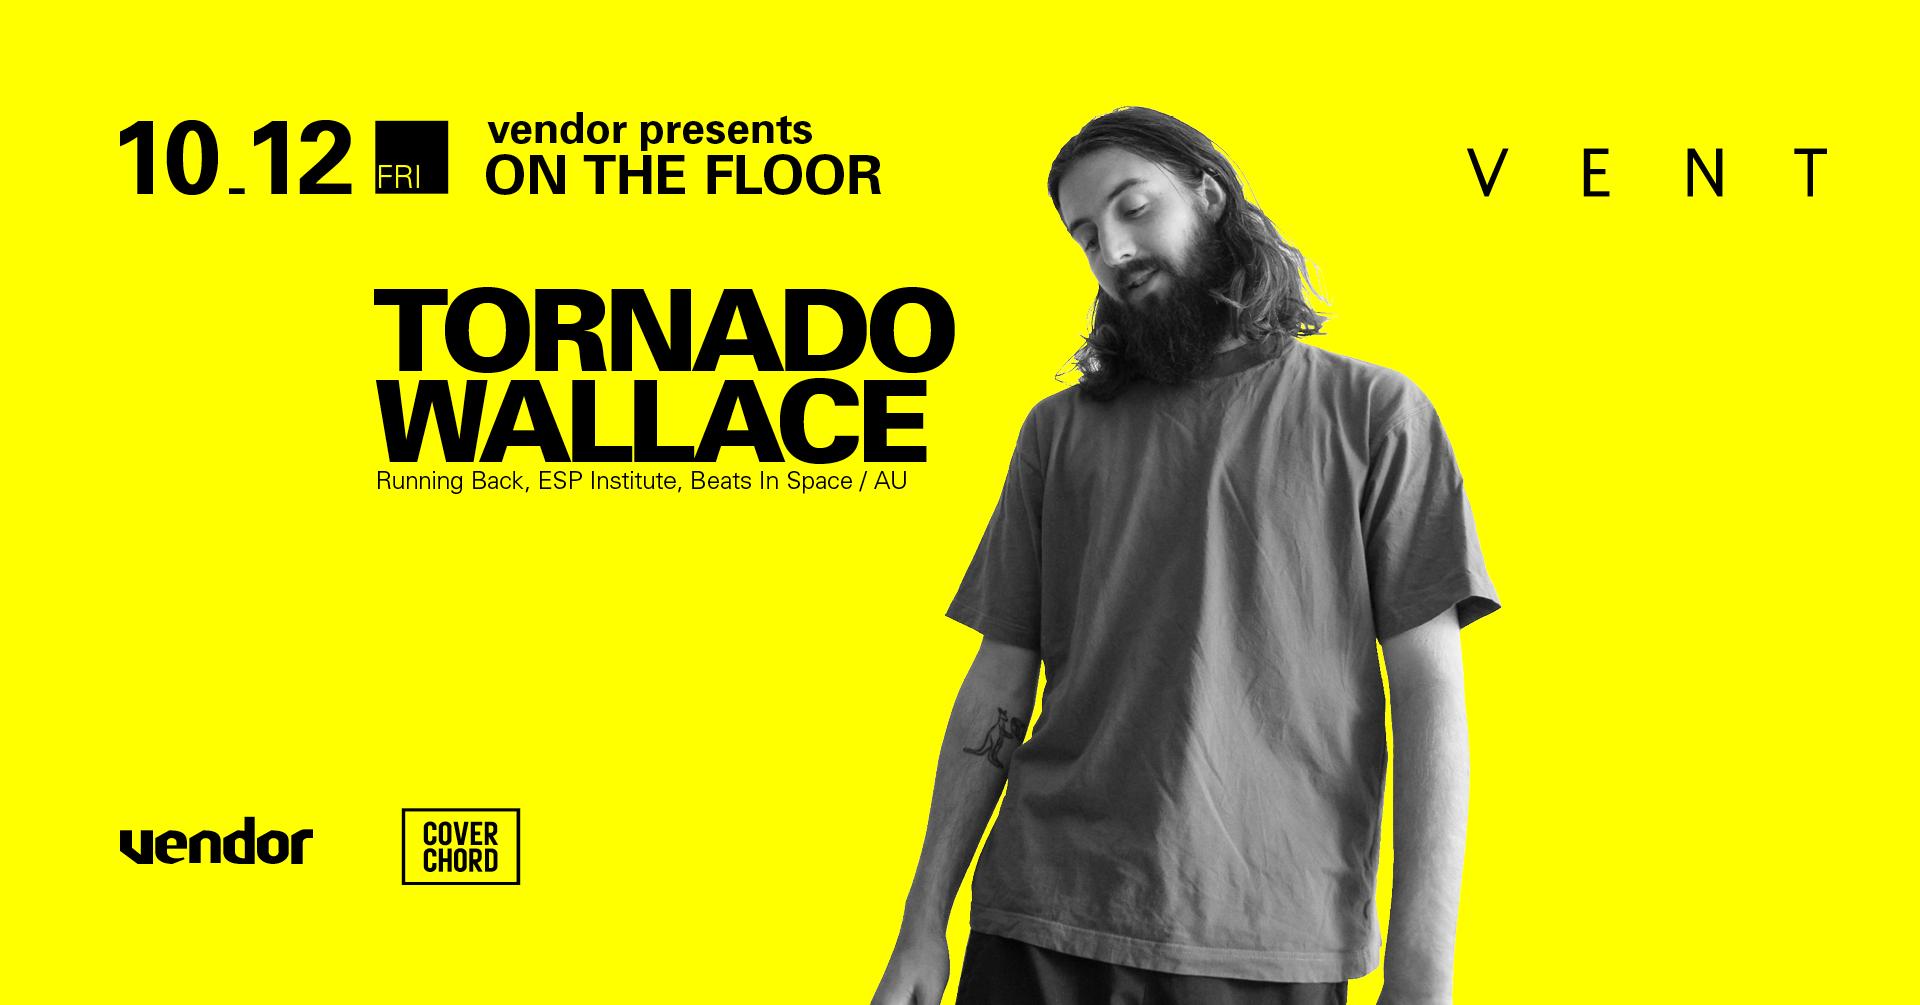 Tornado Wallace vendor Vent